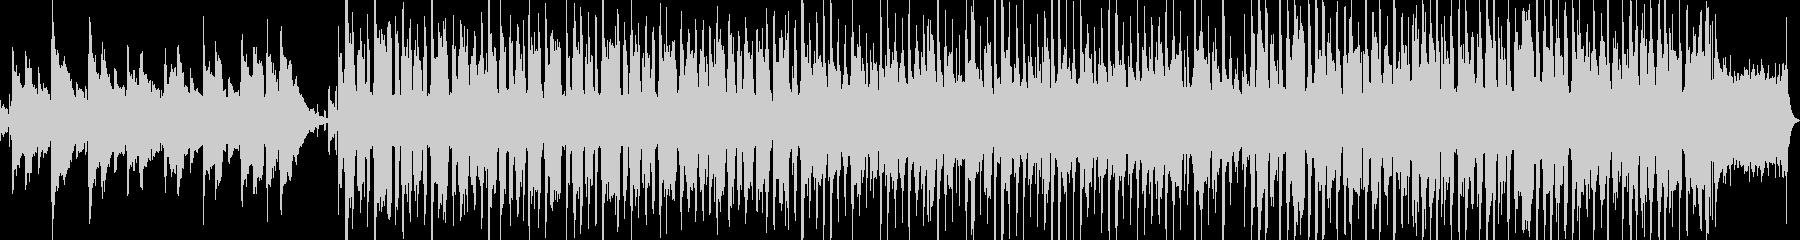 ハッピーバースデー ジャズアレンジの未再生の波形